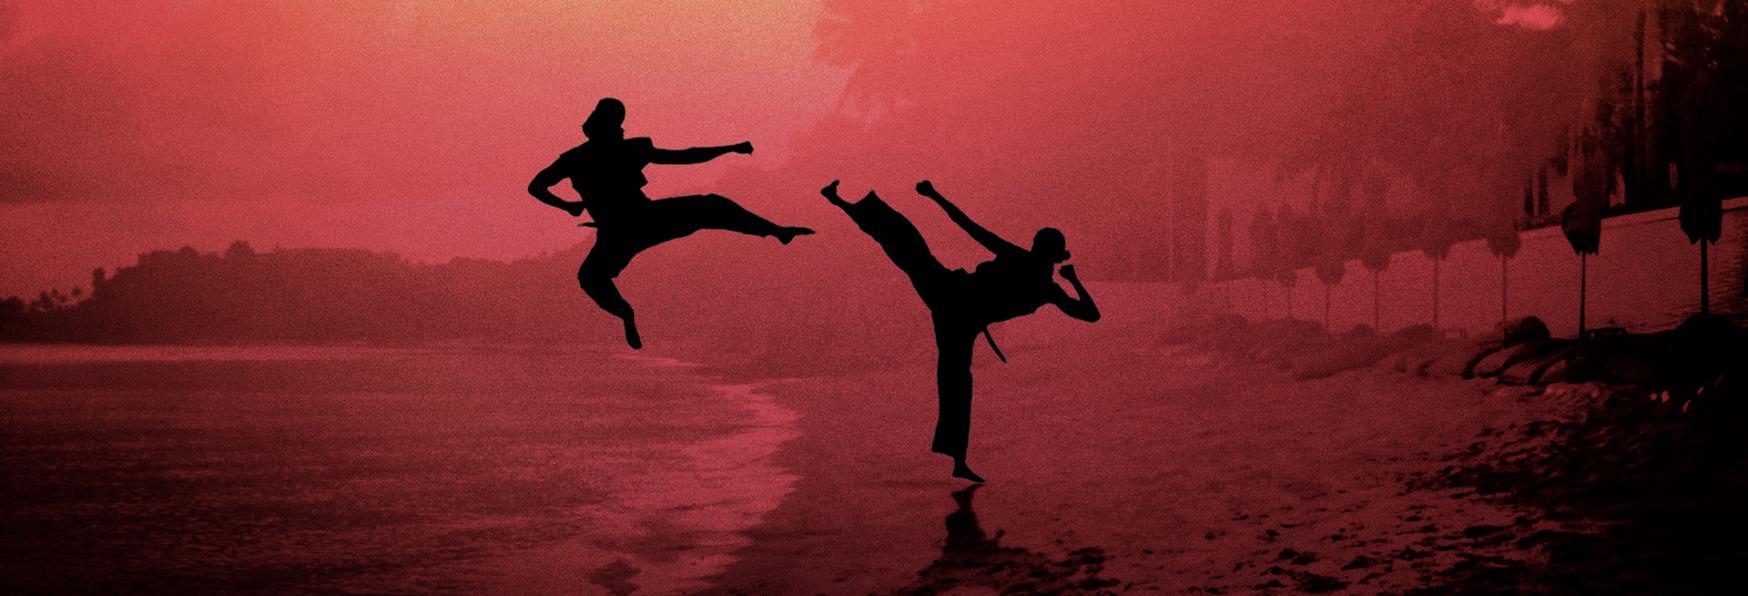 Cobra Kai: la Recensione Spoilerfree della Serie TV Sequel del Film Karate Kid